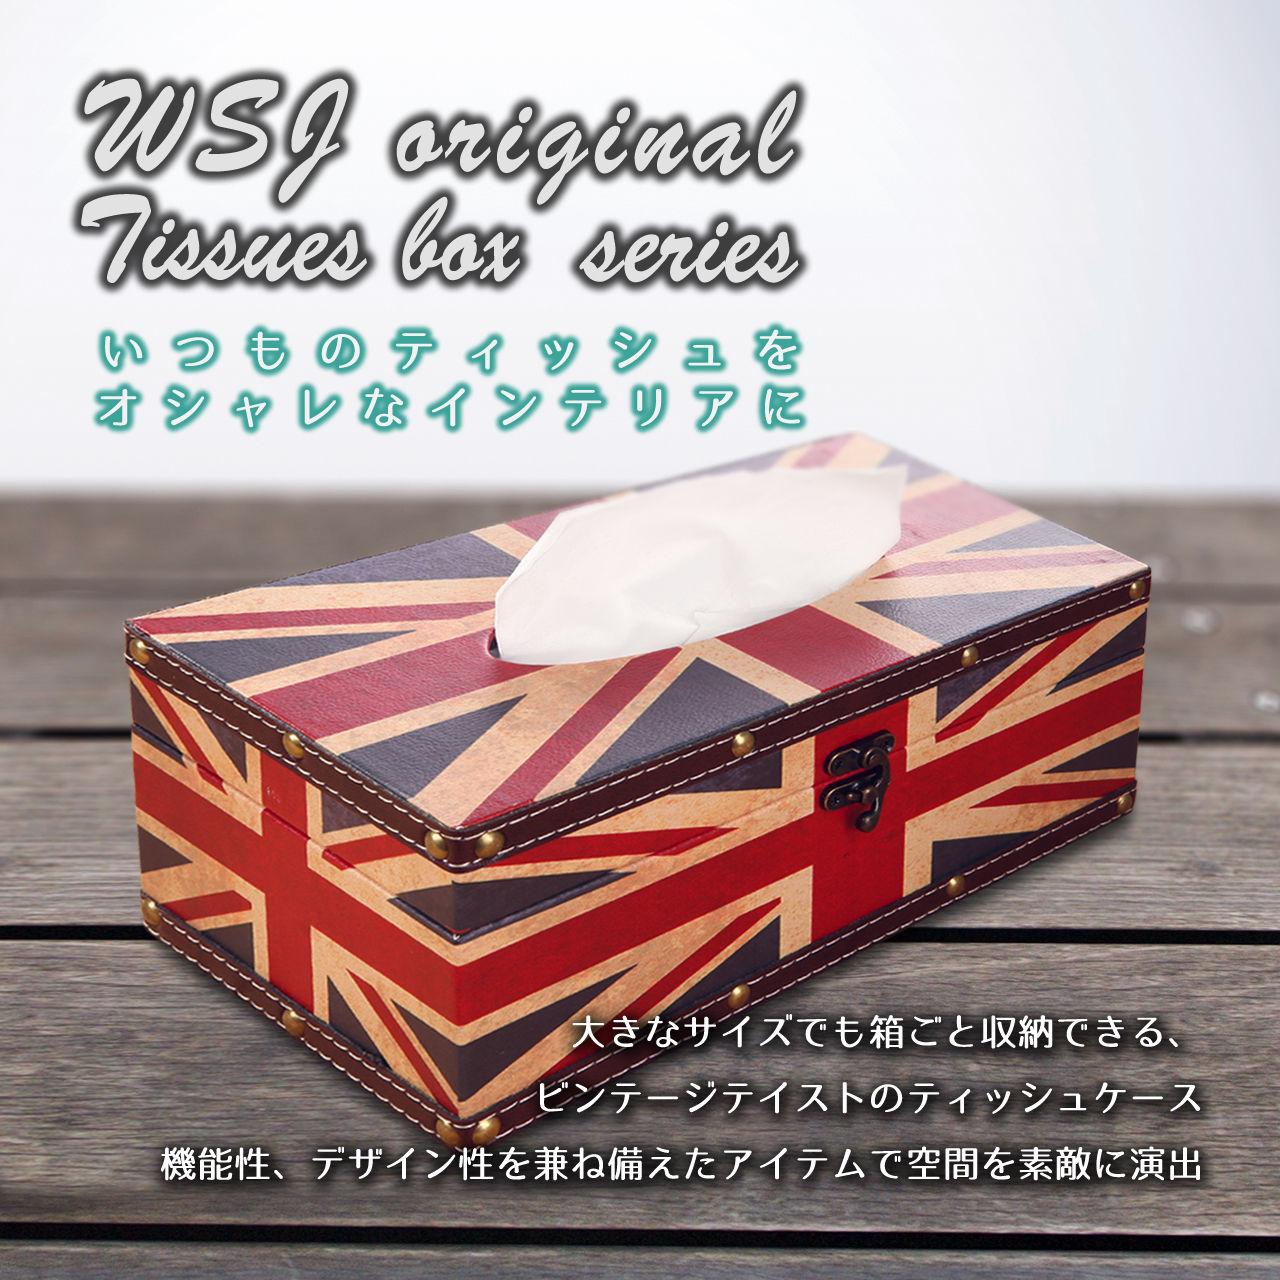 WSJ ティッシュケース 箱ごと入る ティッシュボックス おしゃれ アンティーク 木製 (イギリス国旗) …